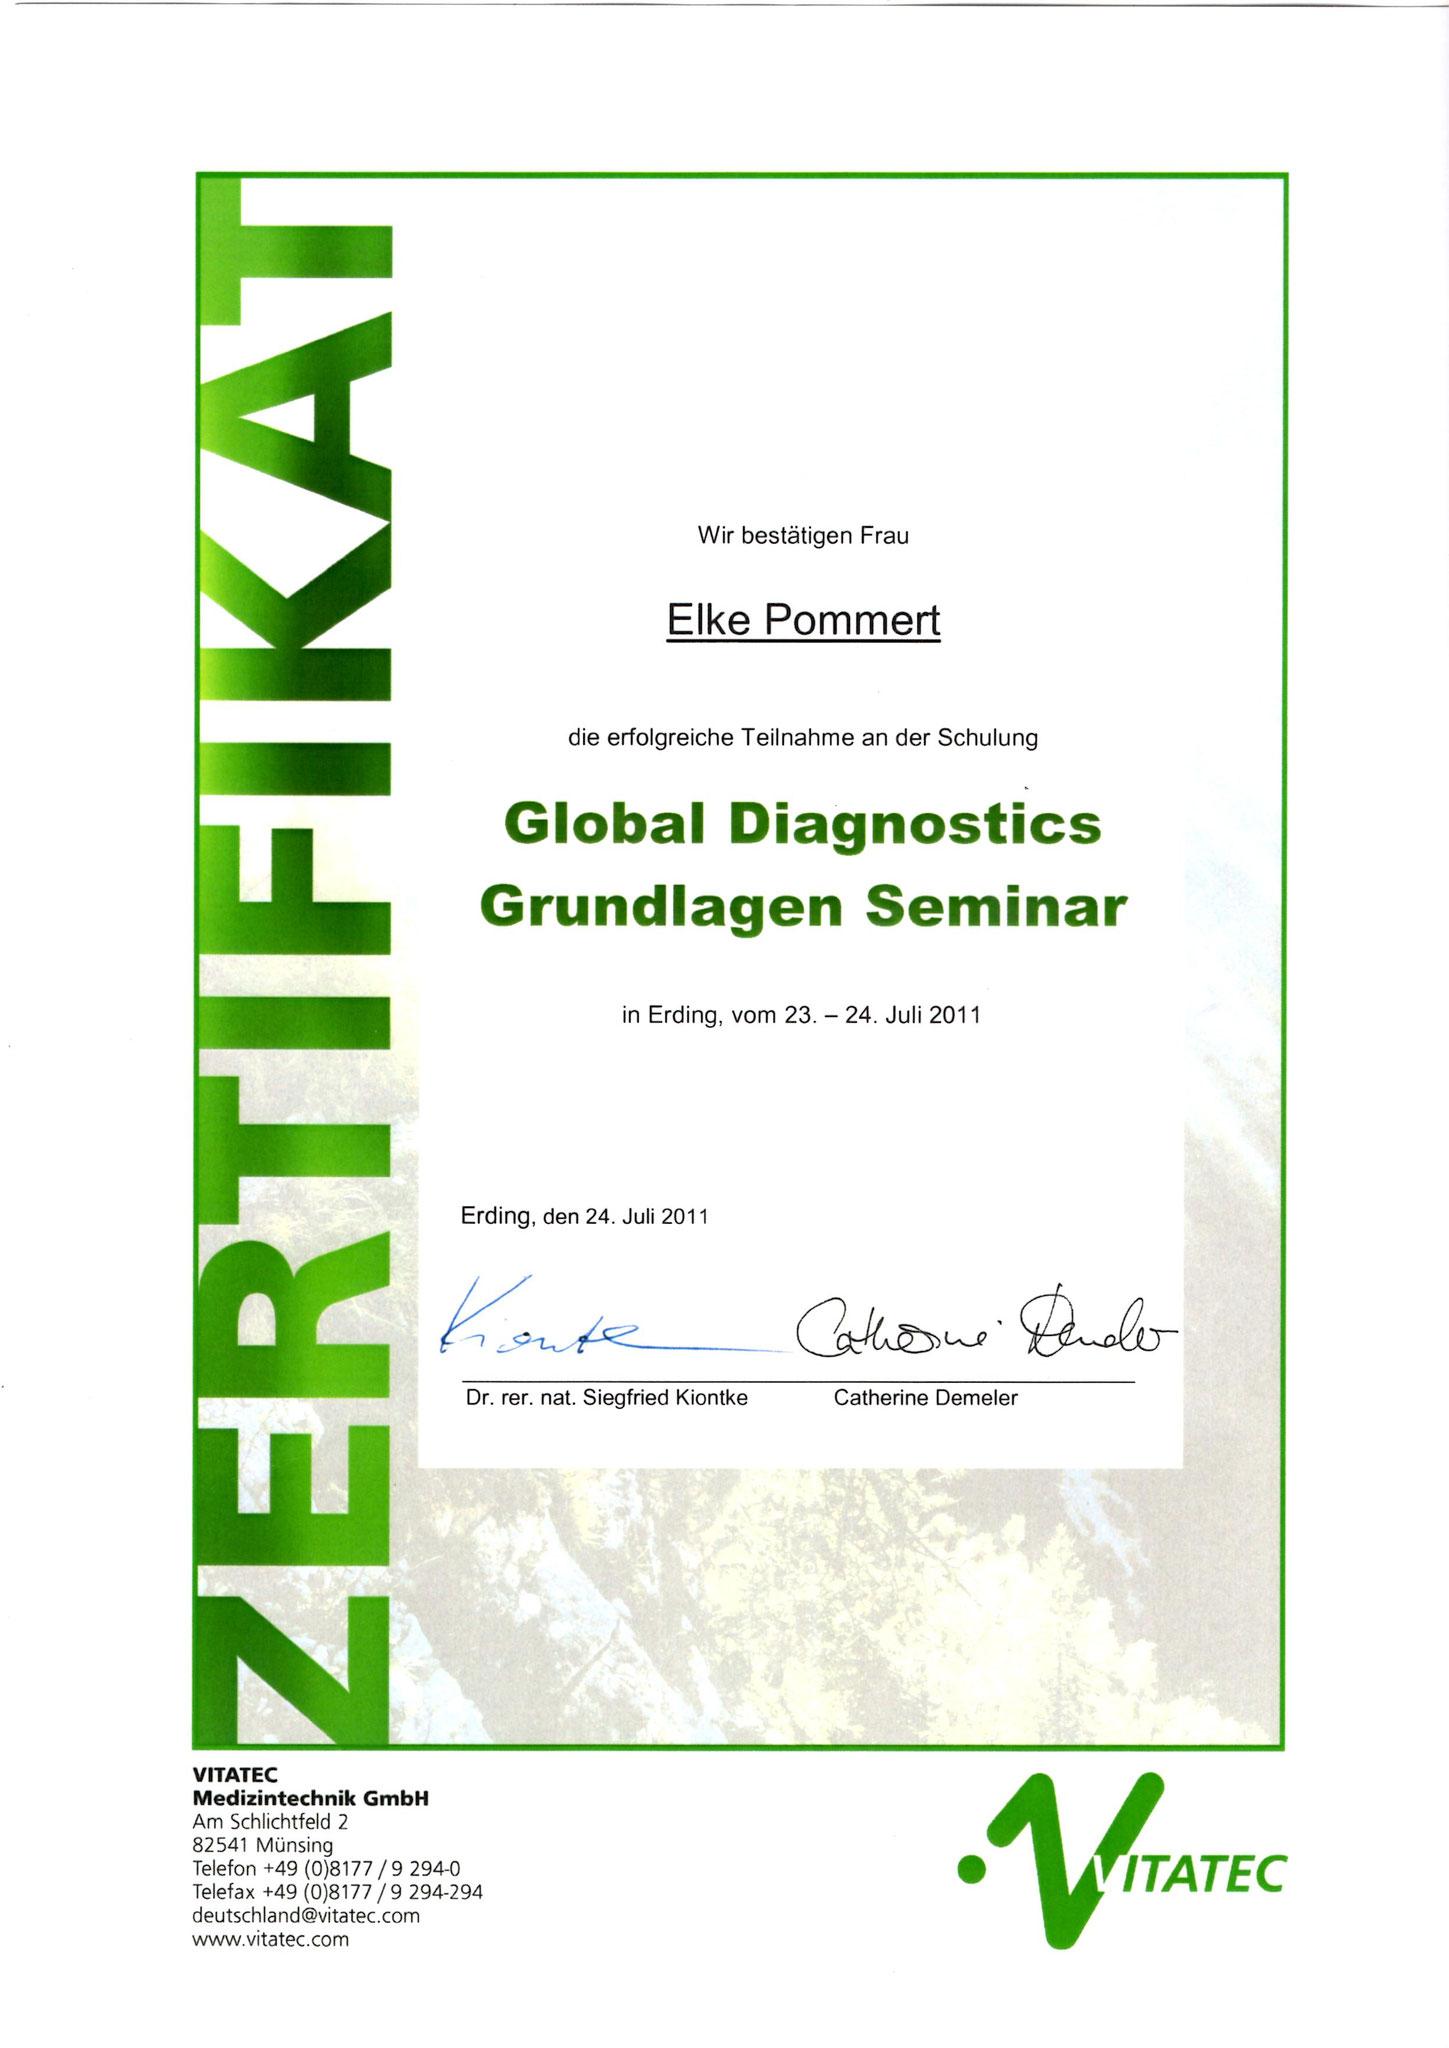 Global Diagnostics